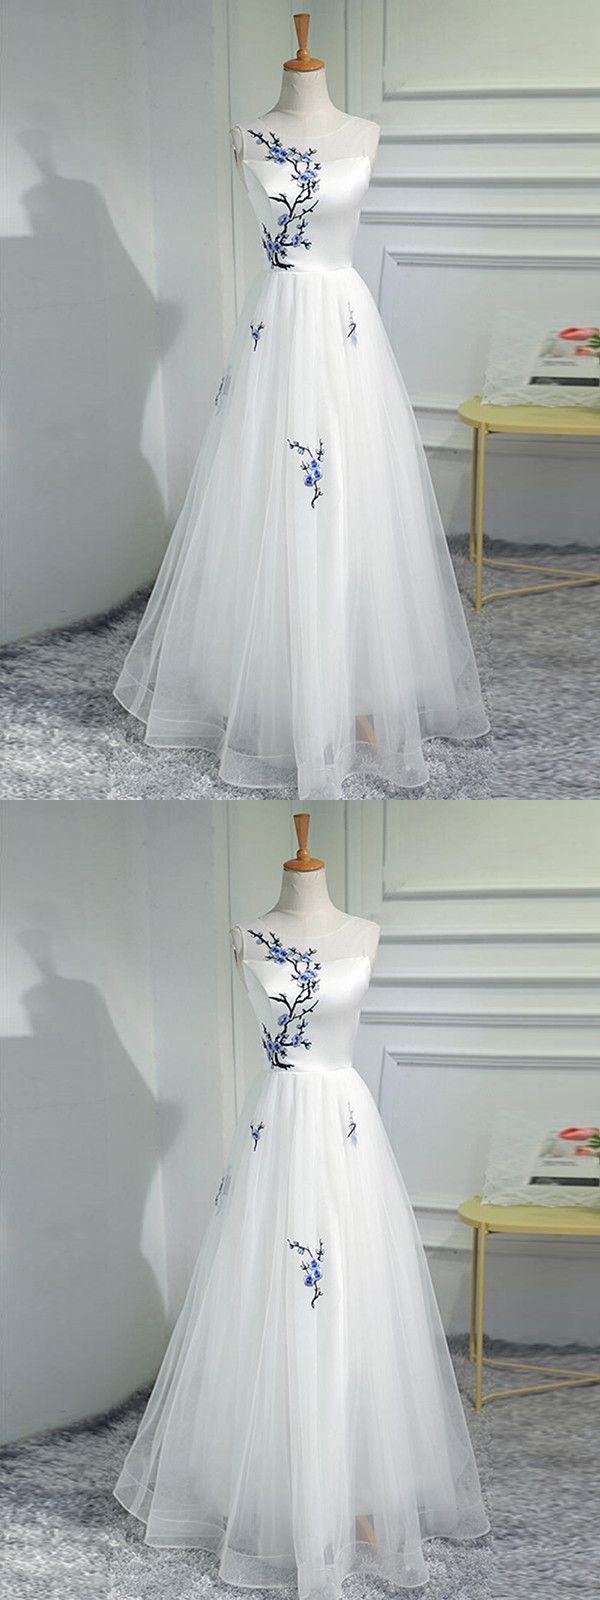 2018 Elfenbein Abendkleid Modest Günstige Langes Abendkleid # VB2035 #modestprom